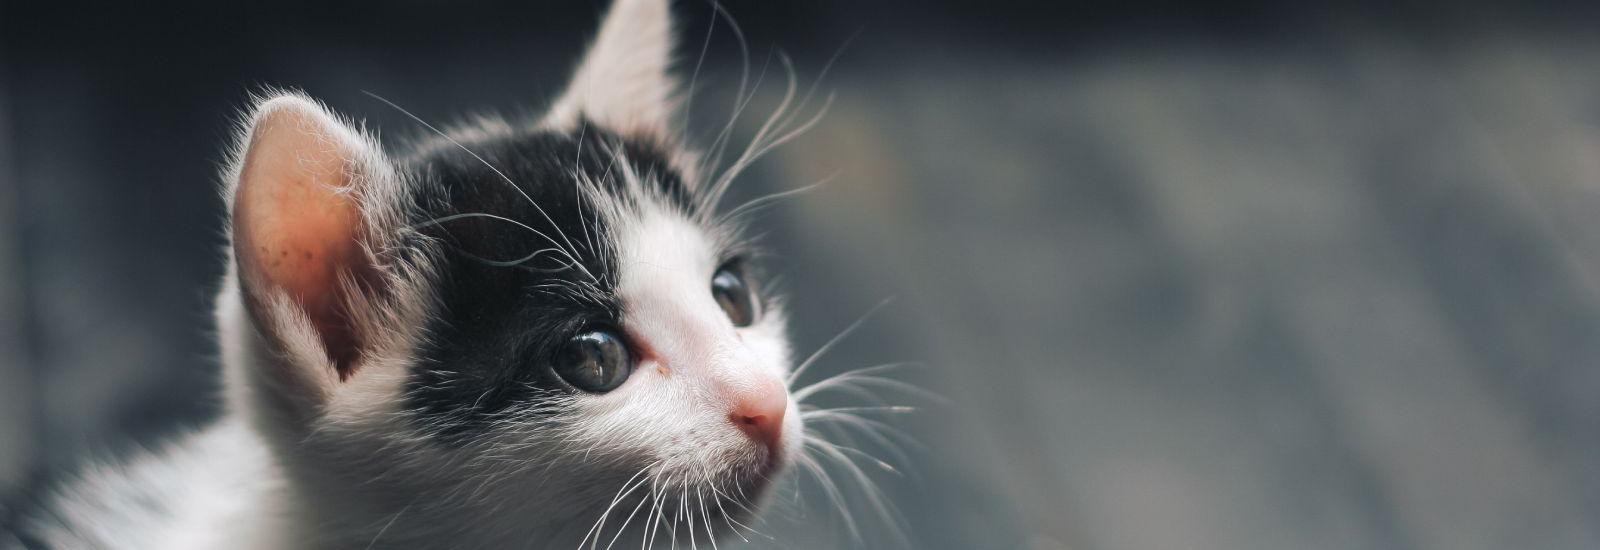 kitten banner image